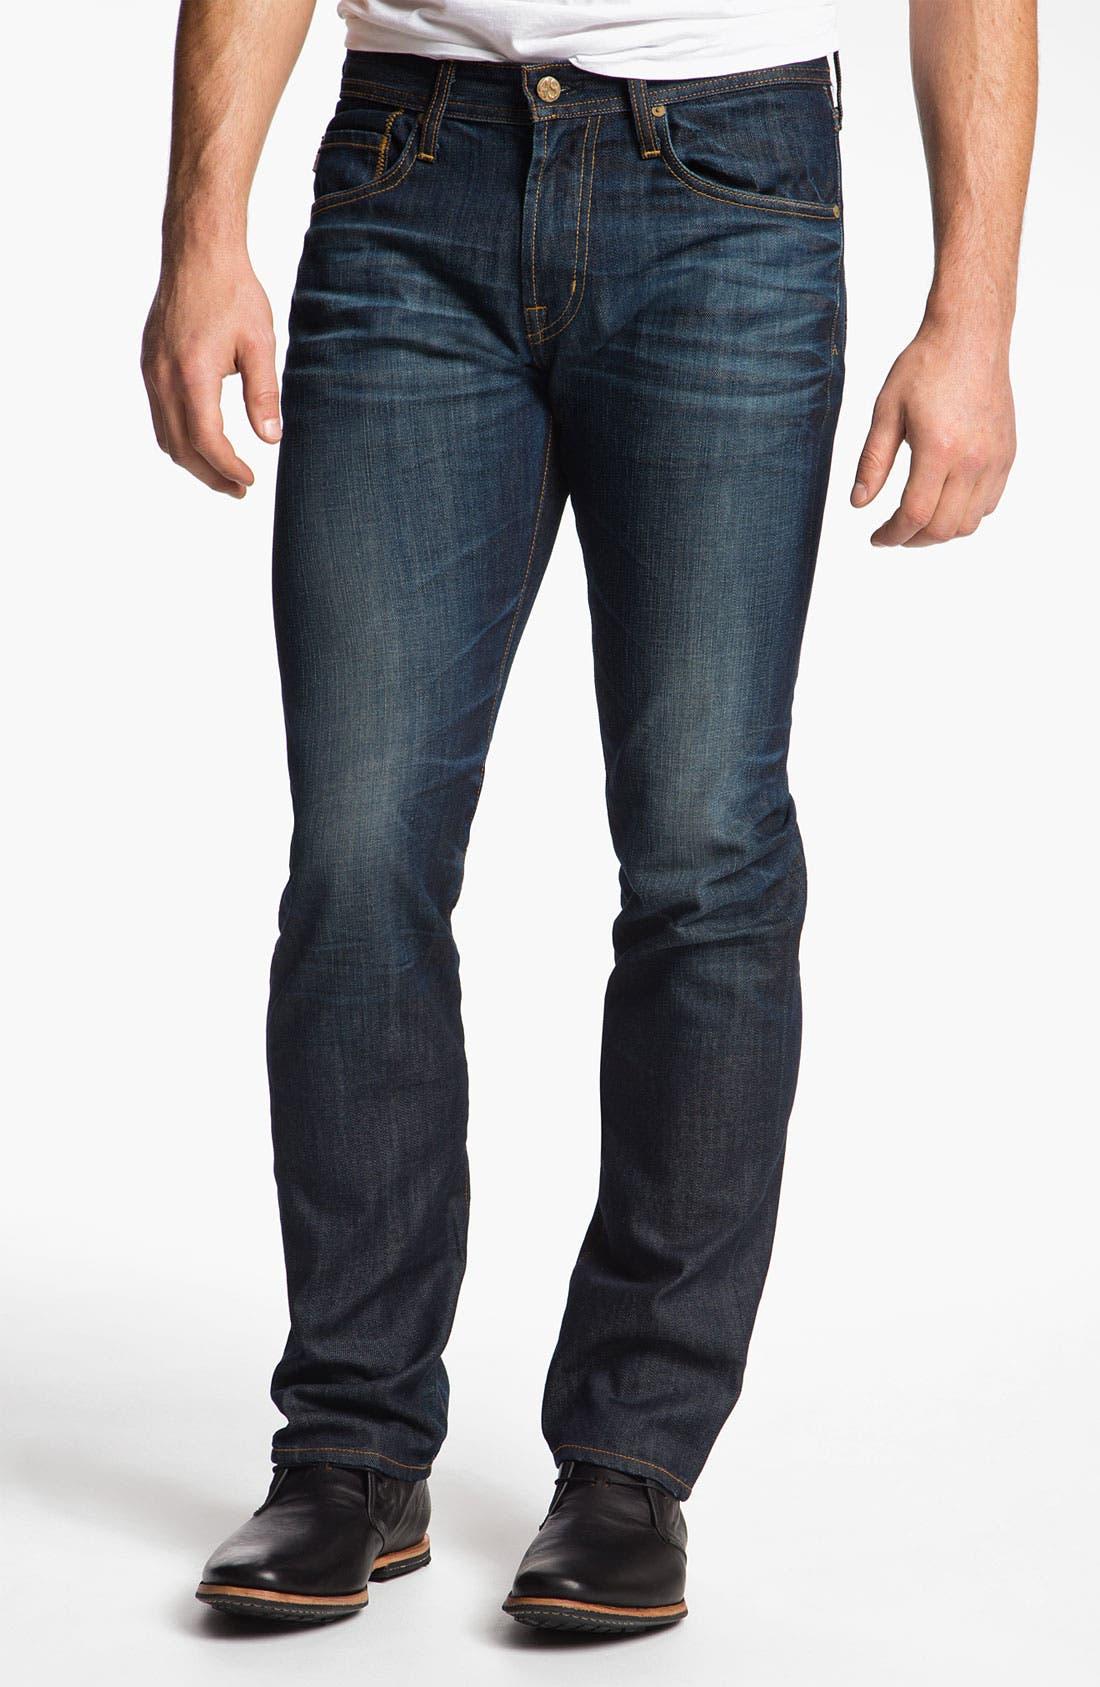 Alternate Image 1 Selected - AG Jeans 'Matchbox' Slim Straight Leg Jeans (5 Year Resin)